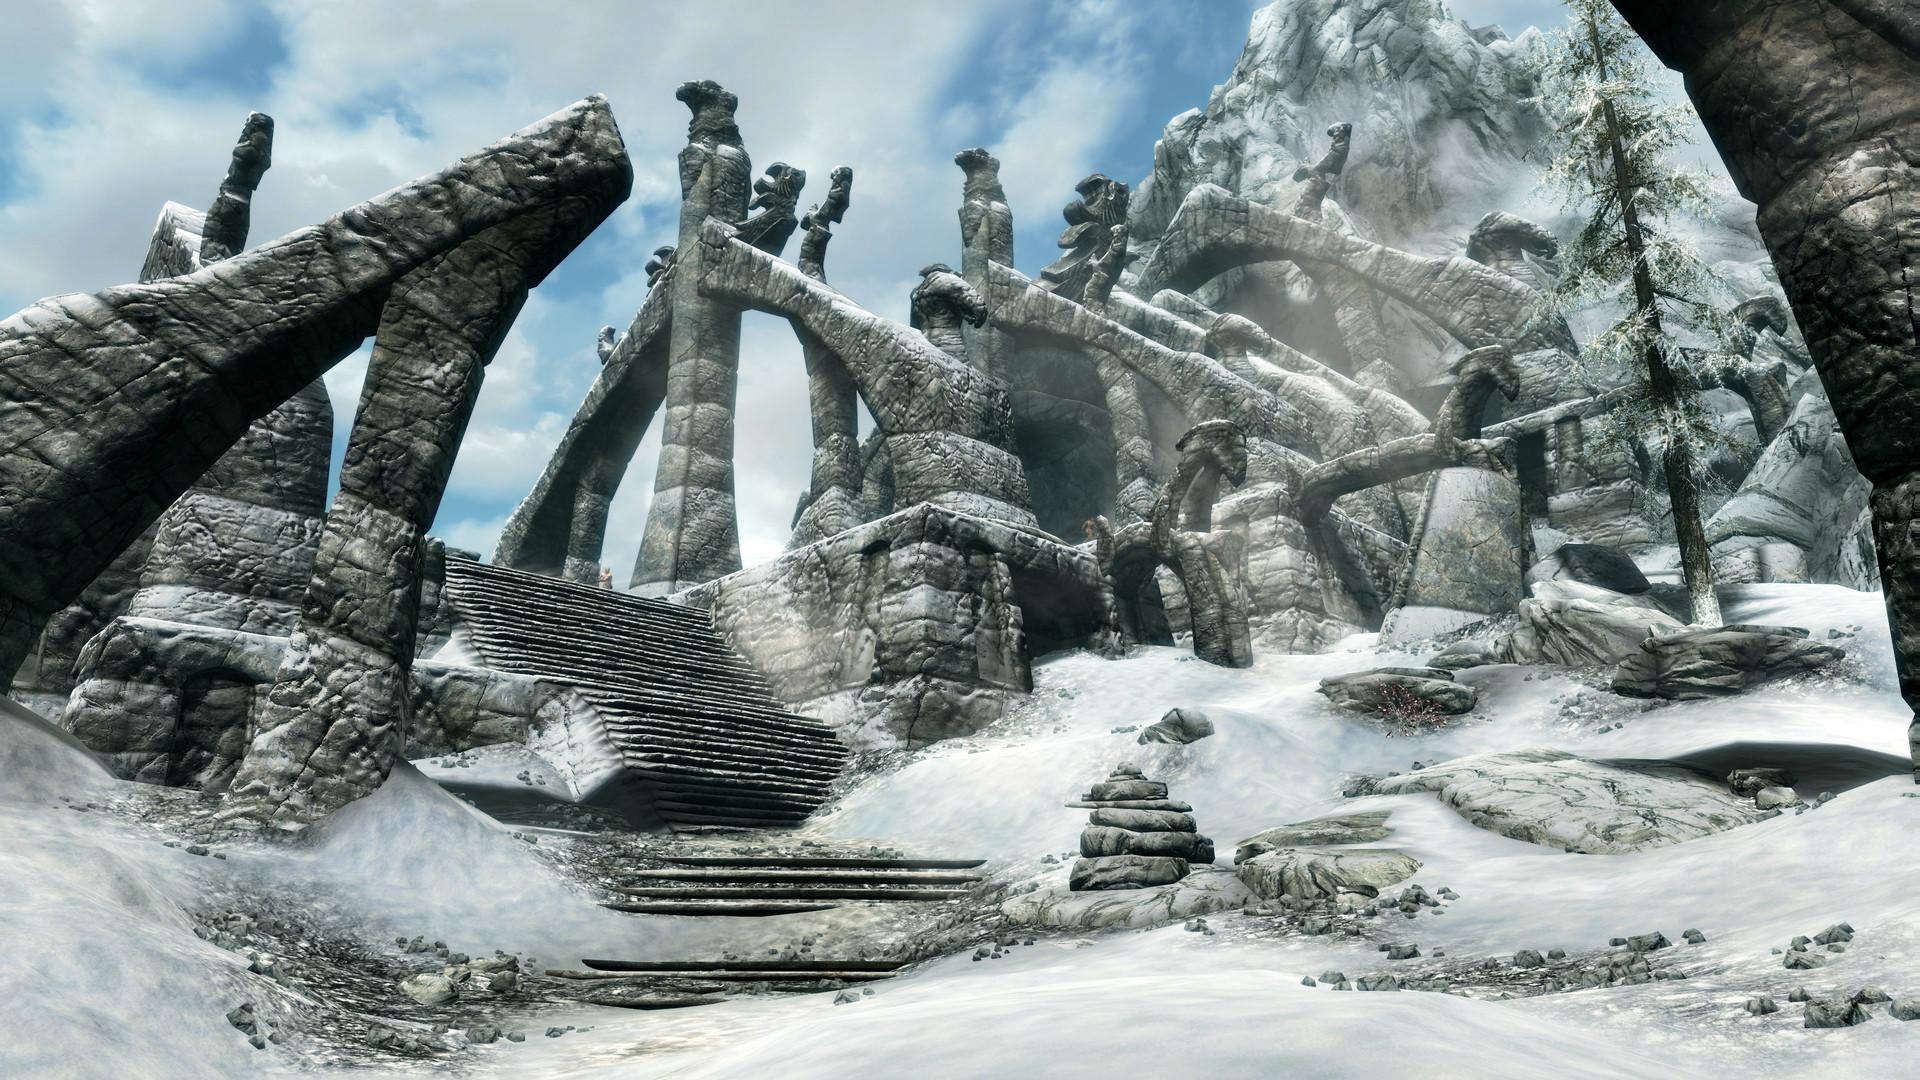 The Elder Scrolls V: Skyrim Special Edition Screenshot 1